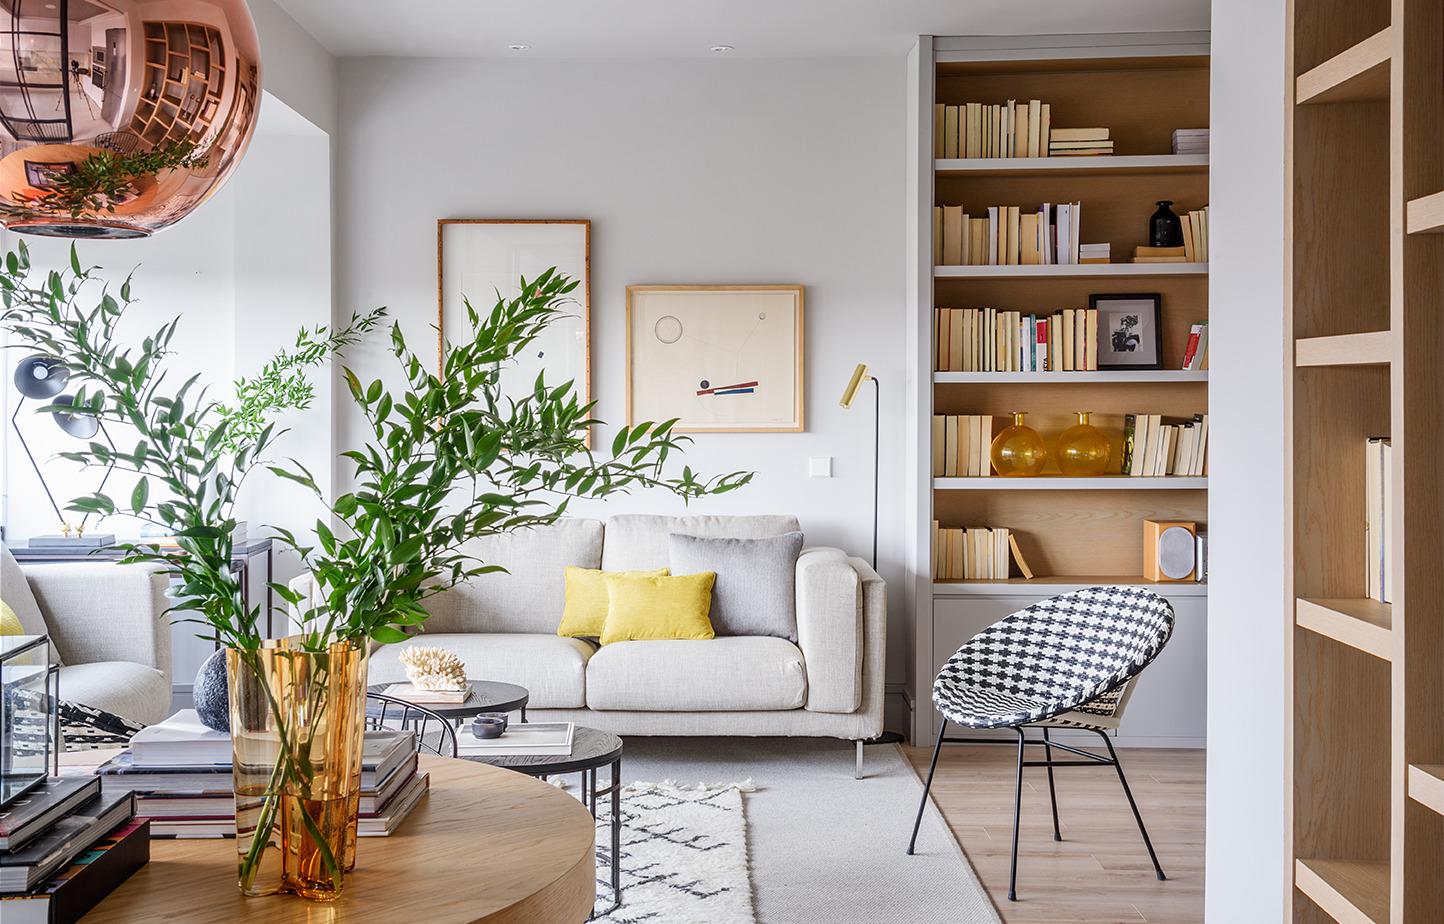 Как оформить гостиную в скандинавском стиле: 20 доступных идей